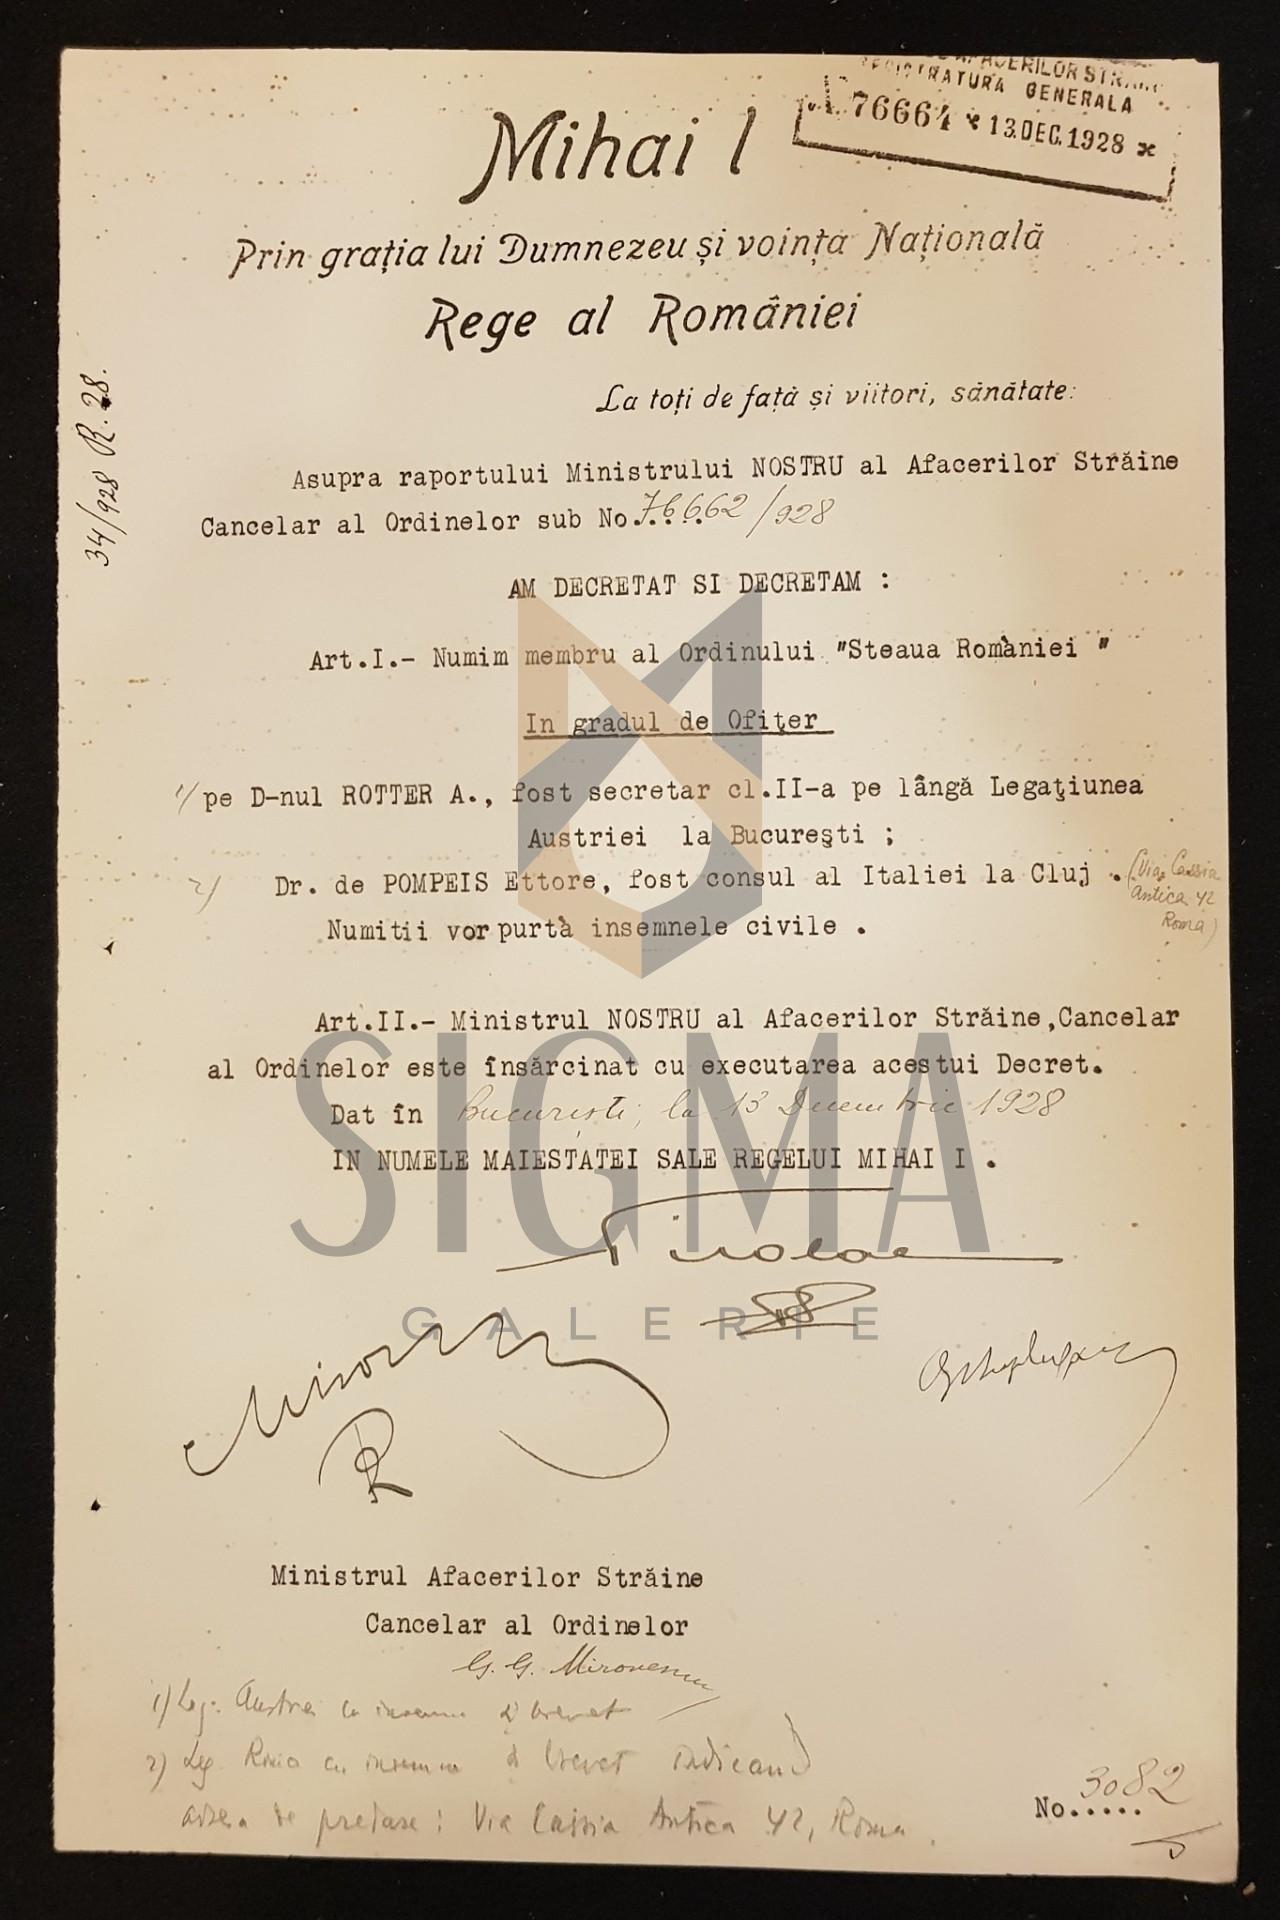 Brevet REGELE MIHAI I, MIRON CRISTEA, BUZDUGAN, DOCUMENT DE CANCELARIE, SEMNATURI ORIGINALE, CRIZA DINASTICA - REGENTA, 1928